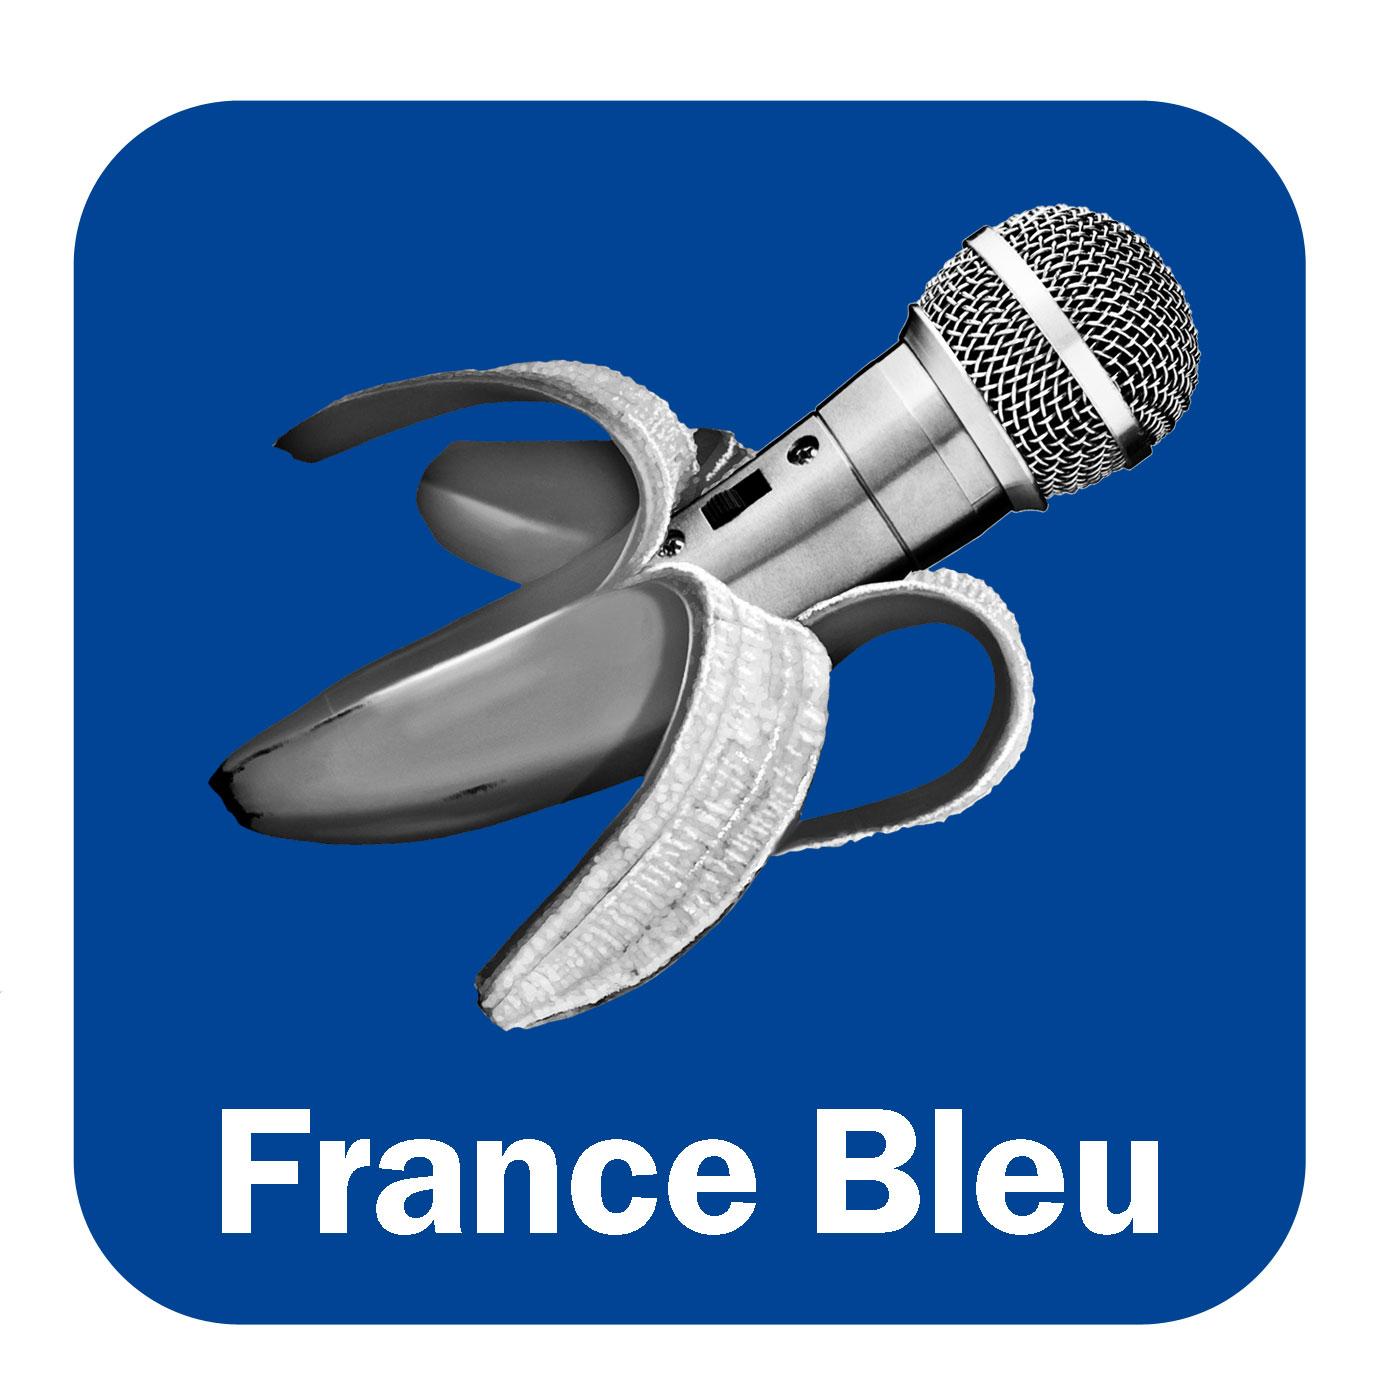 France Bleu Roquepouy France Bleu Gascogne